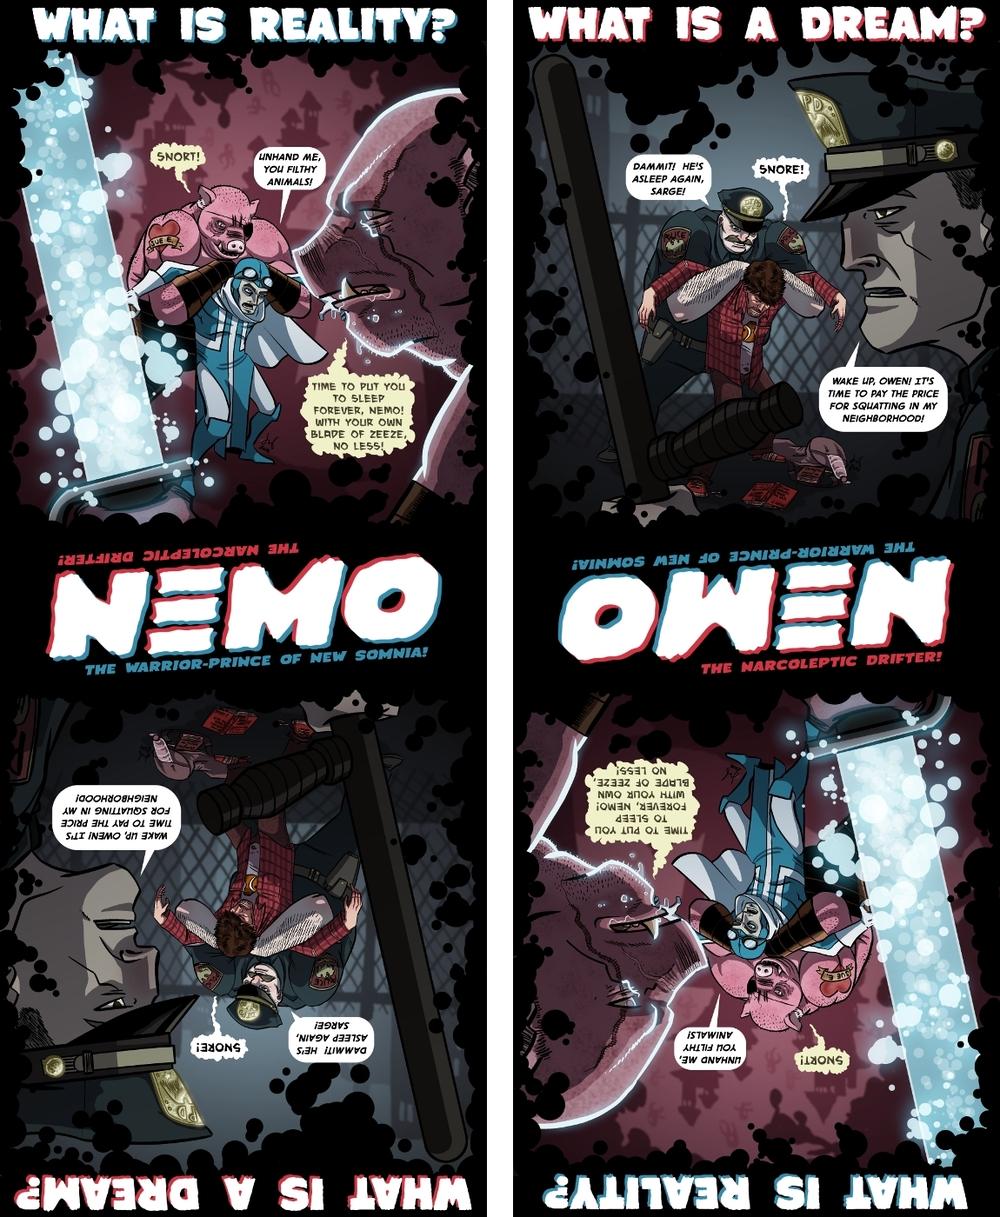 Nemo/Owen